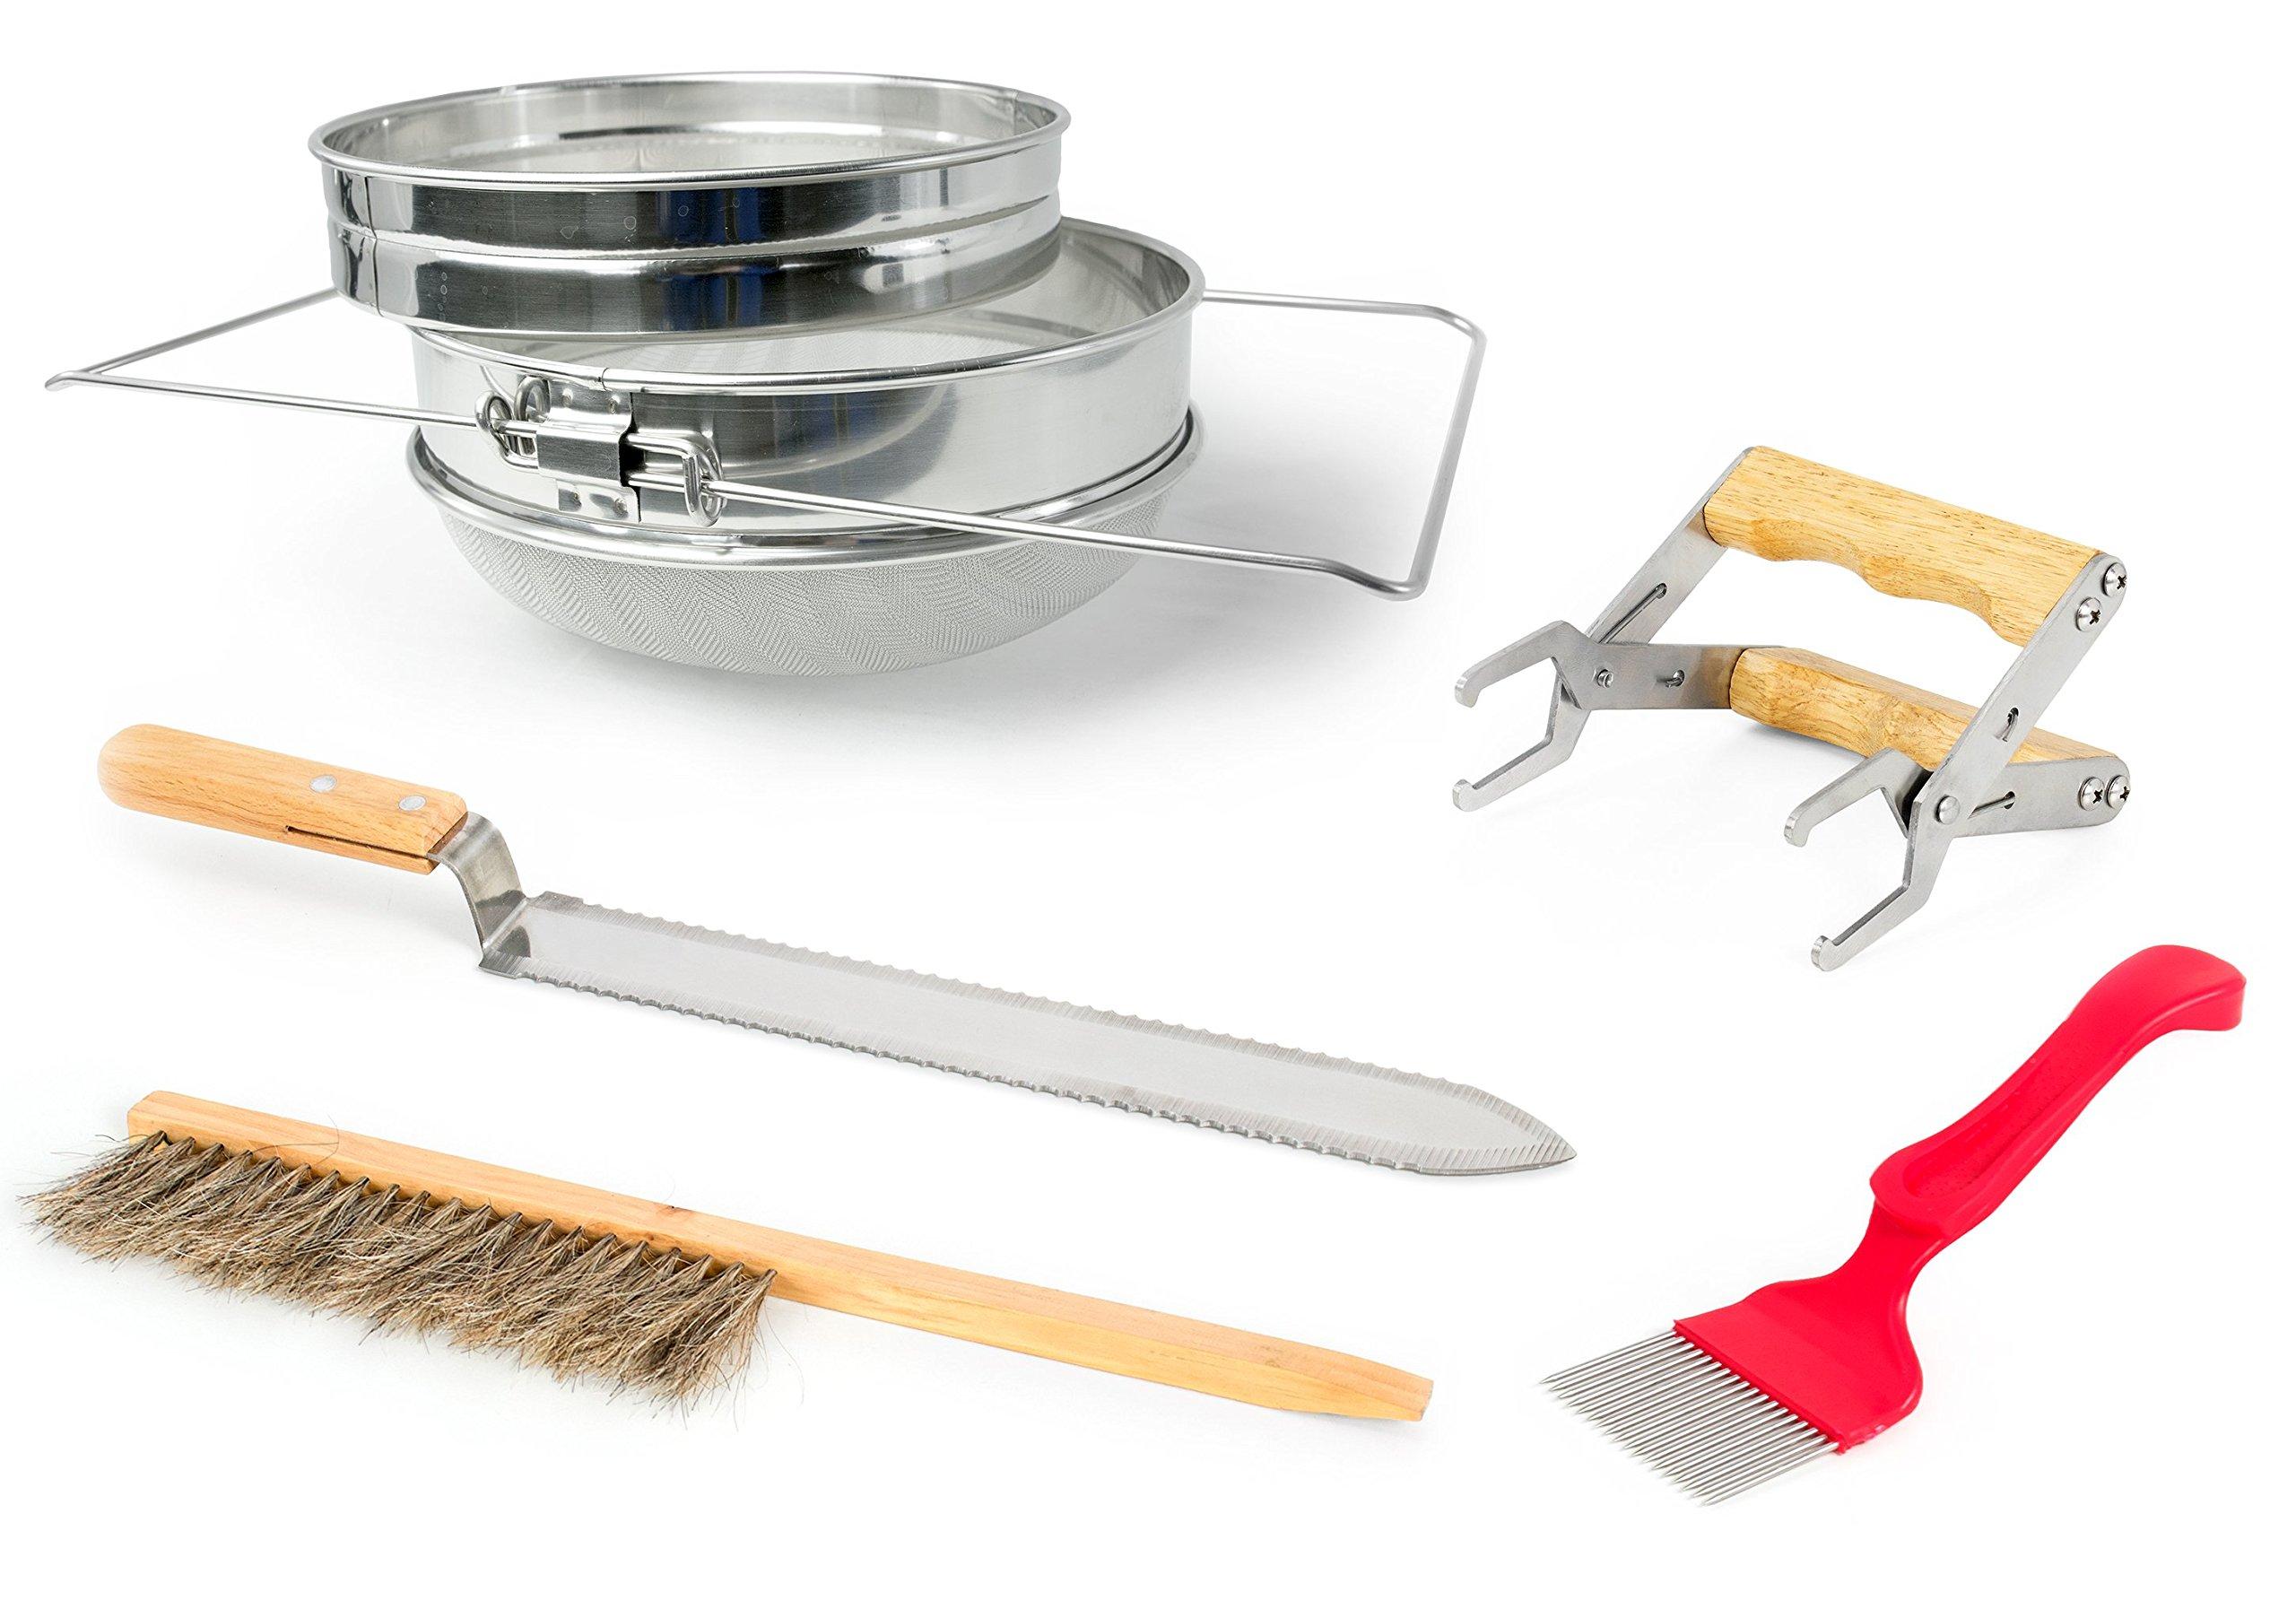 VIVO Honey Harvesting Beekeeping Starter Tool Kit   Set of 5 - Double Sieve Honey Strainer, Frame Holder, Brush, Uncapping Knife, Uncapping Fork (BEE-KIT4) by VIVO